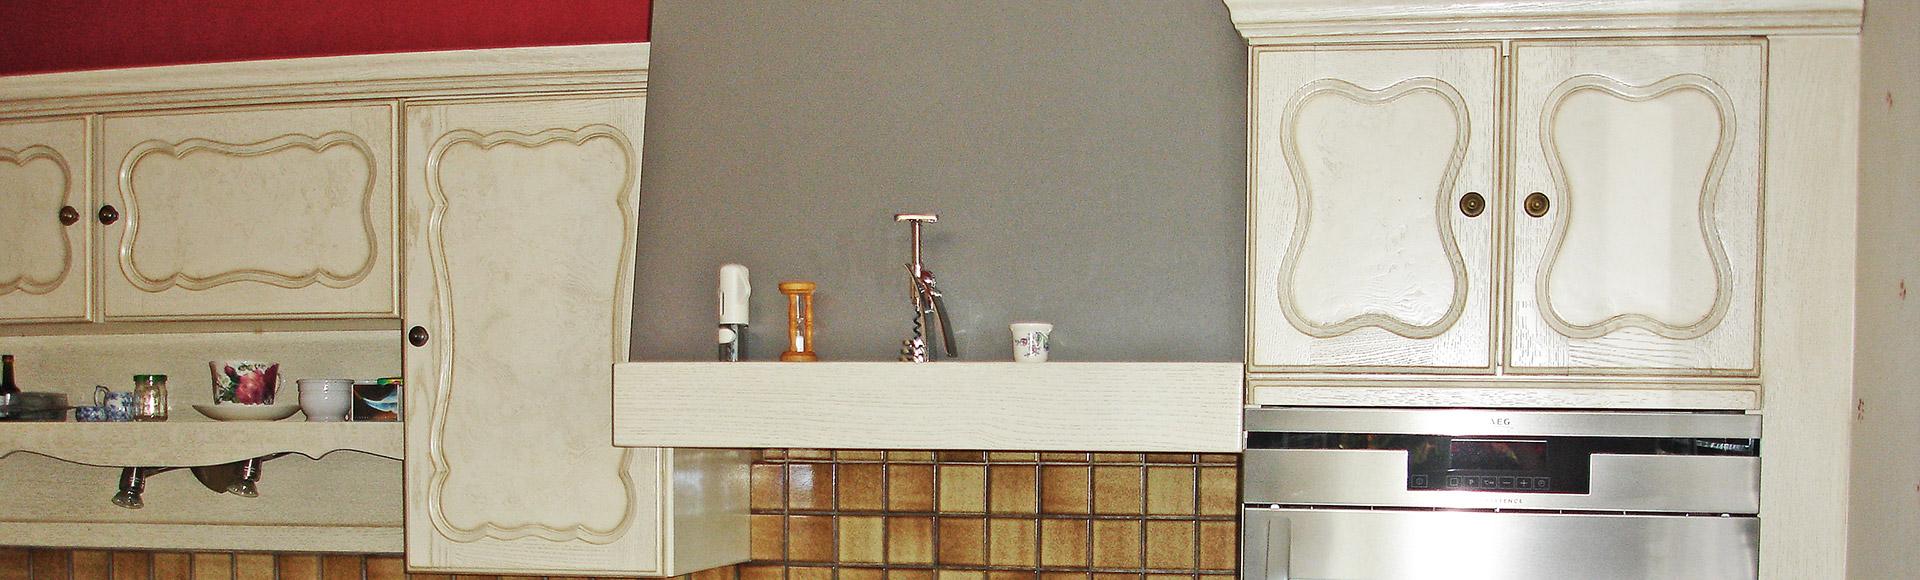 r novation relooking de cuisine et de meubles autour de. Black Bedroom Furniture Sets. Home Design Ideas